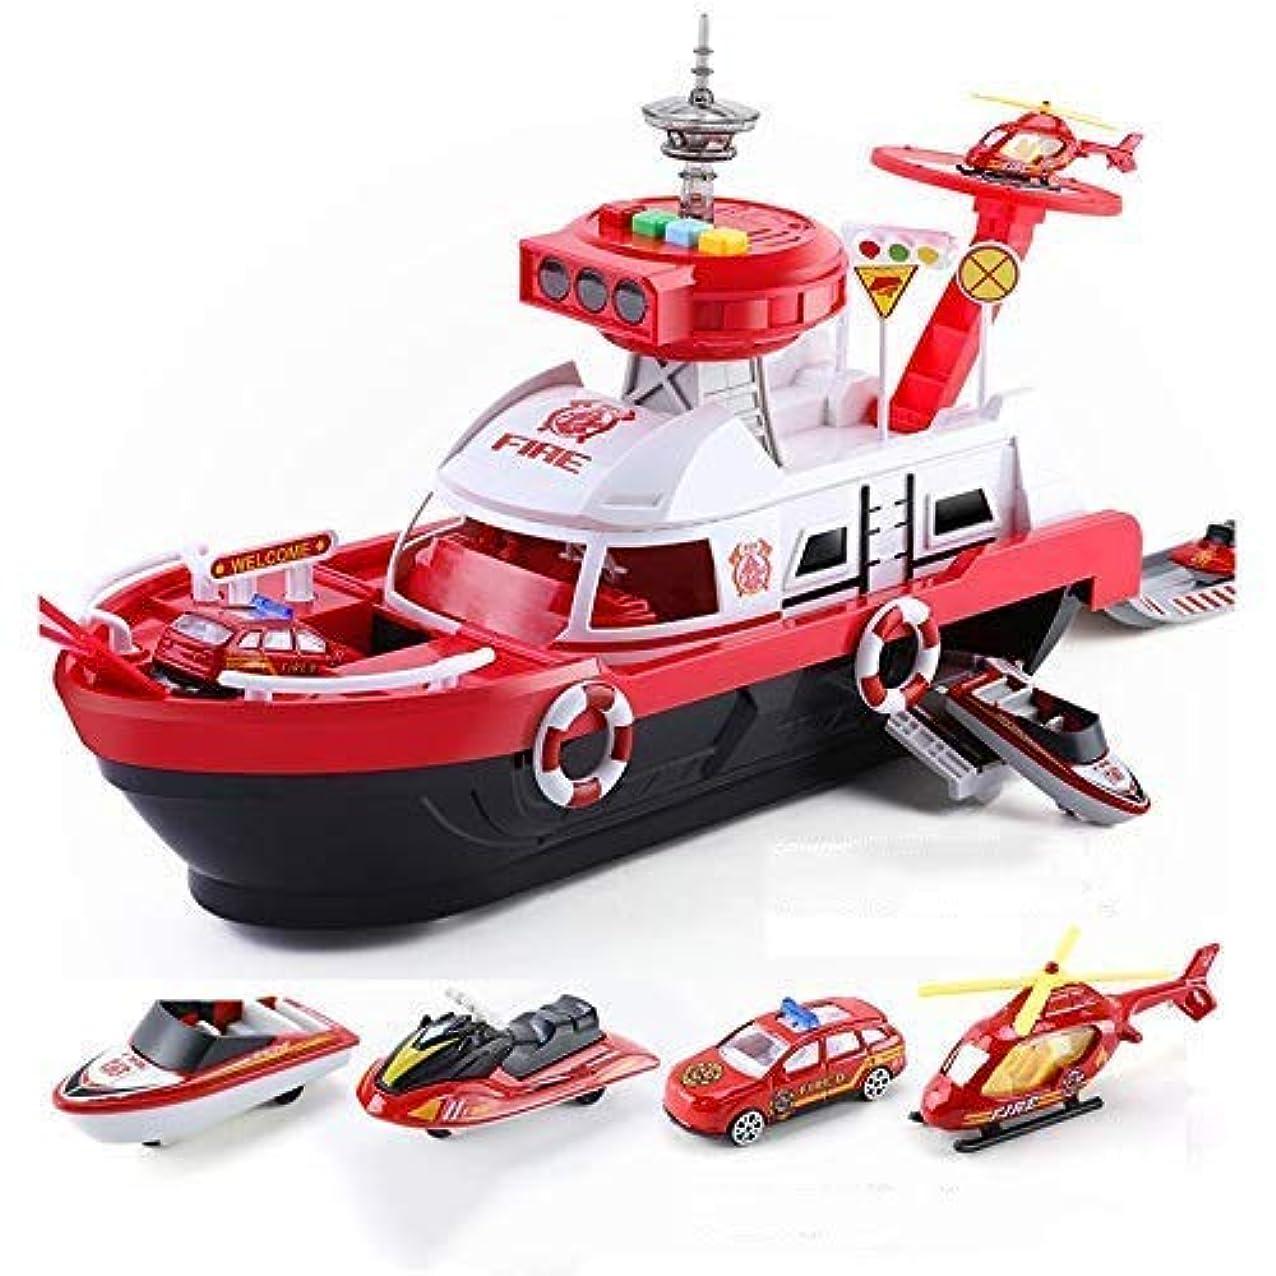 おもてなし重要満員子供のおもちゃシミュレーショントラック慣性ボート diecasts おもちゃ車音楽ストーリーライトおもちゃ船モデルおもちゃ駐車場男の子おもちゃ